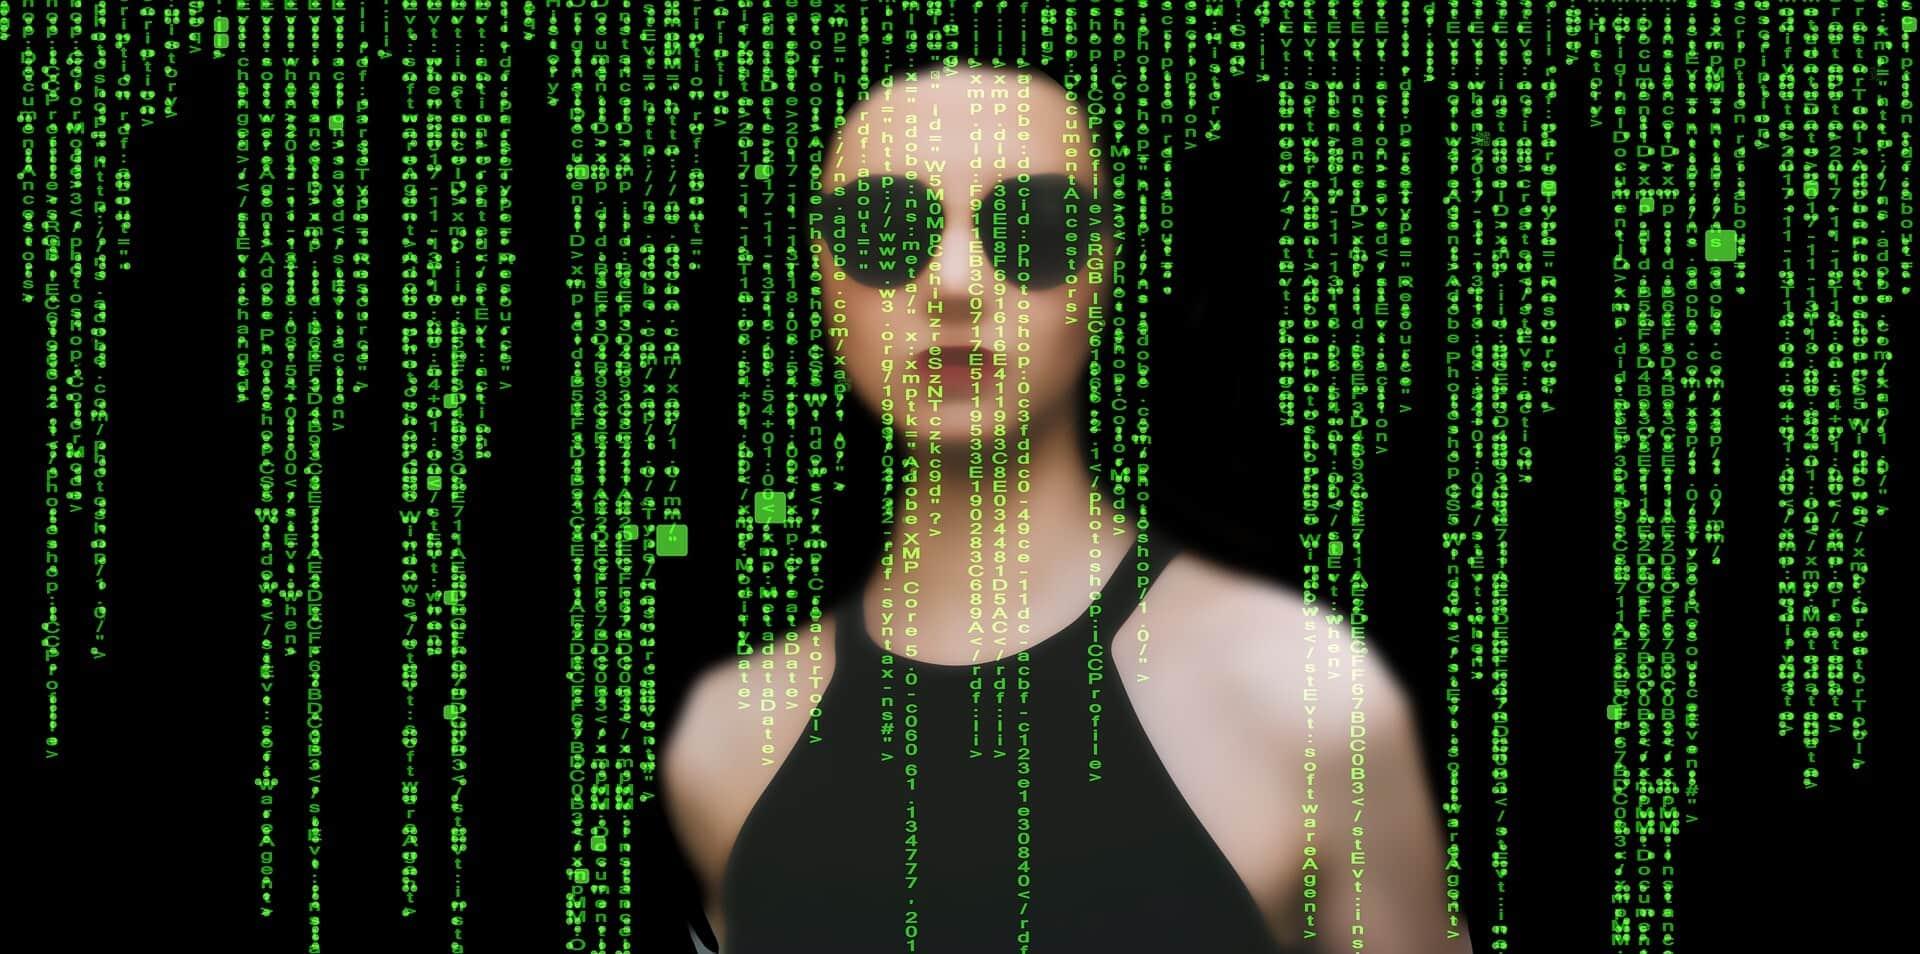 очему приватность в Сети так важна